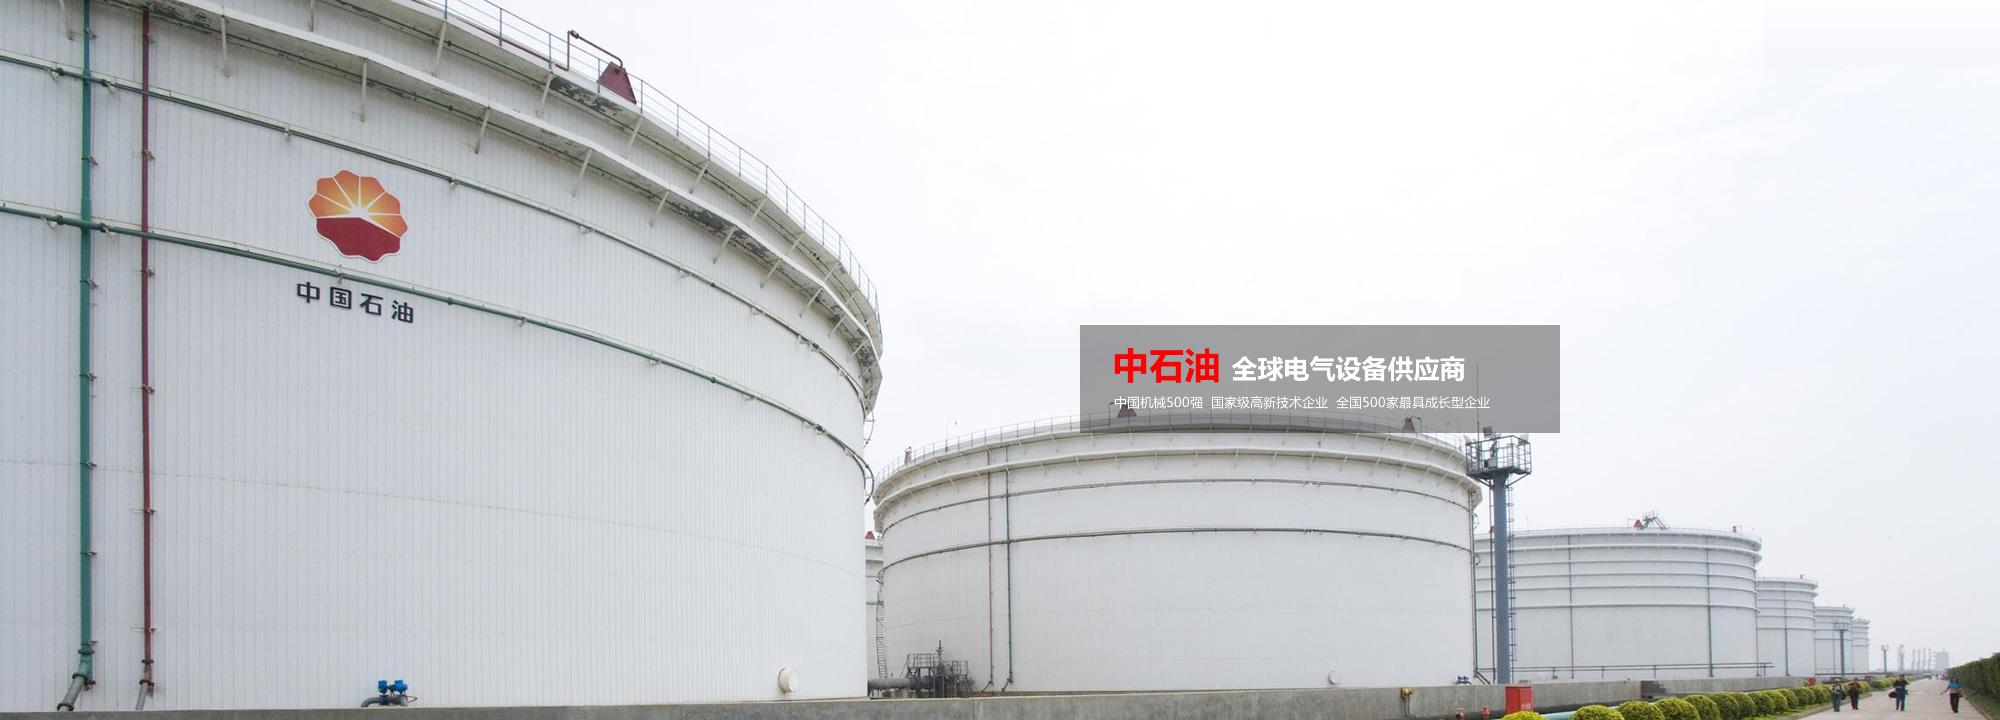 第二幅 中石油